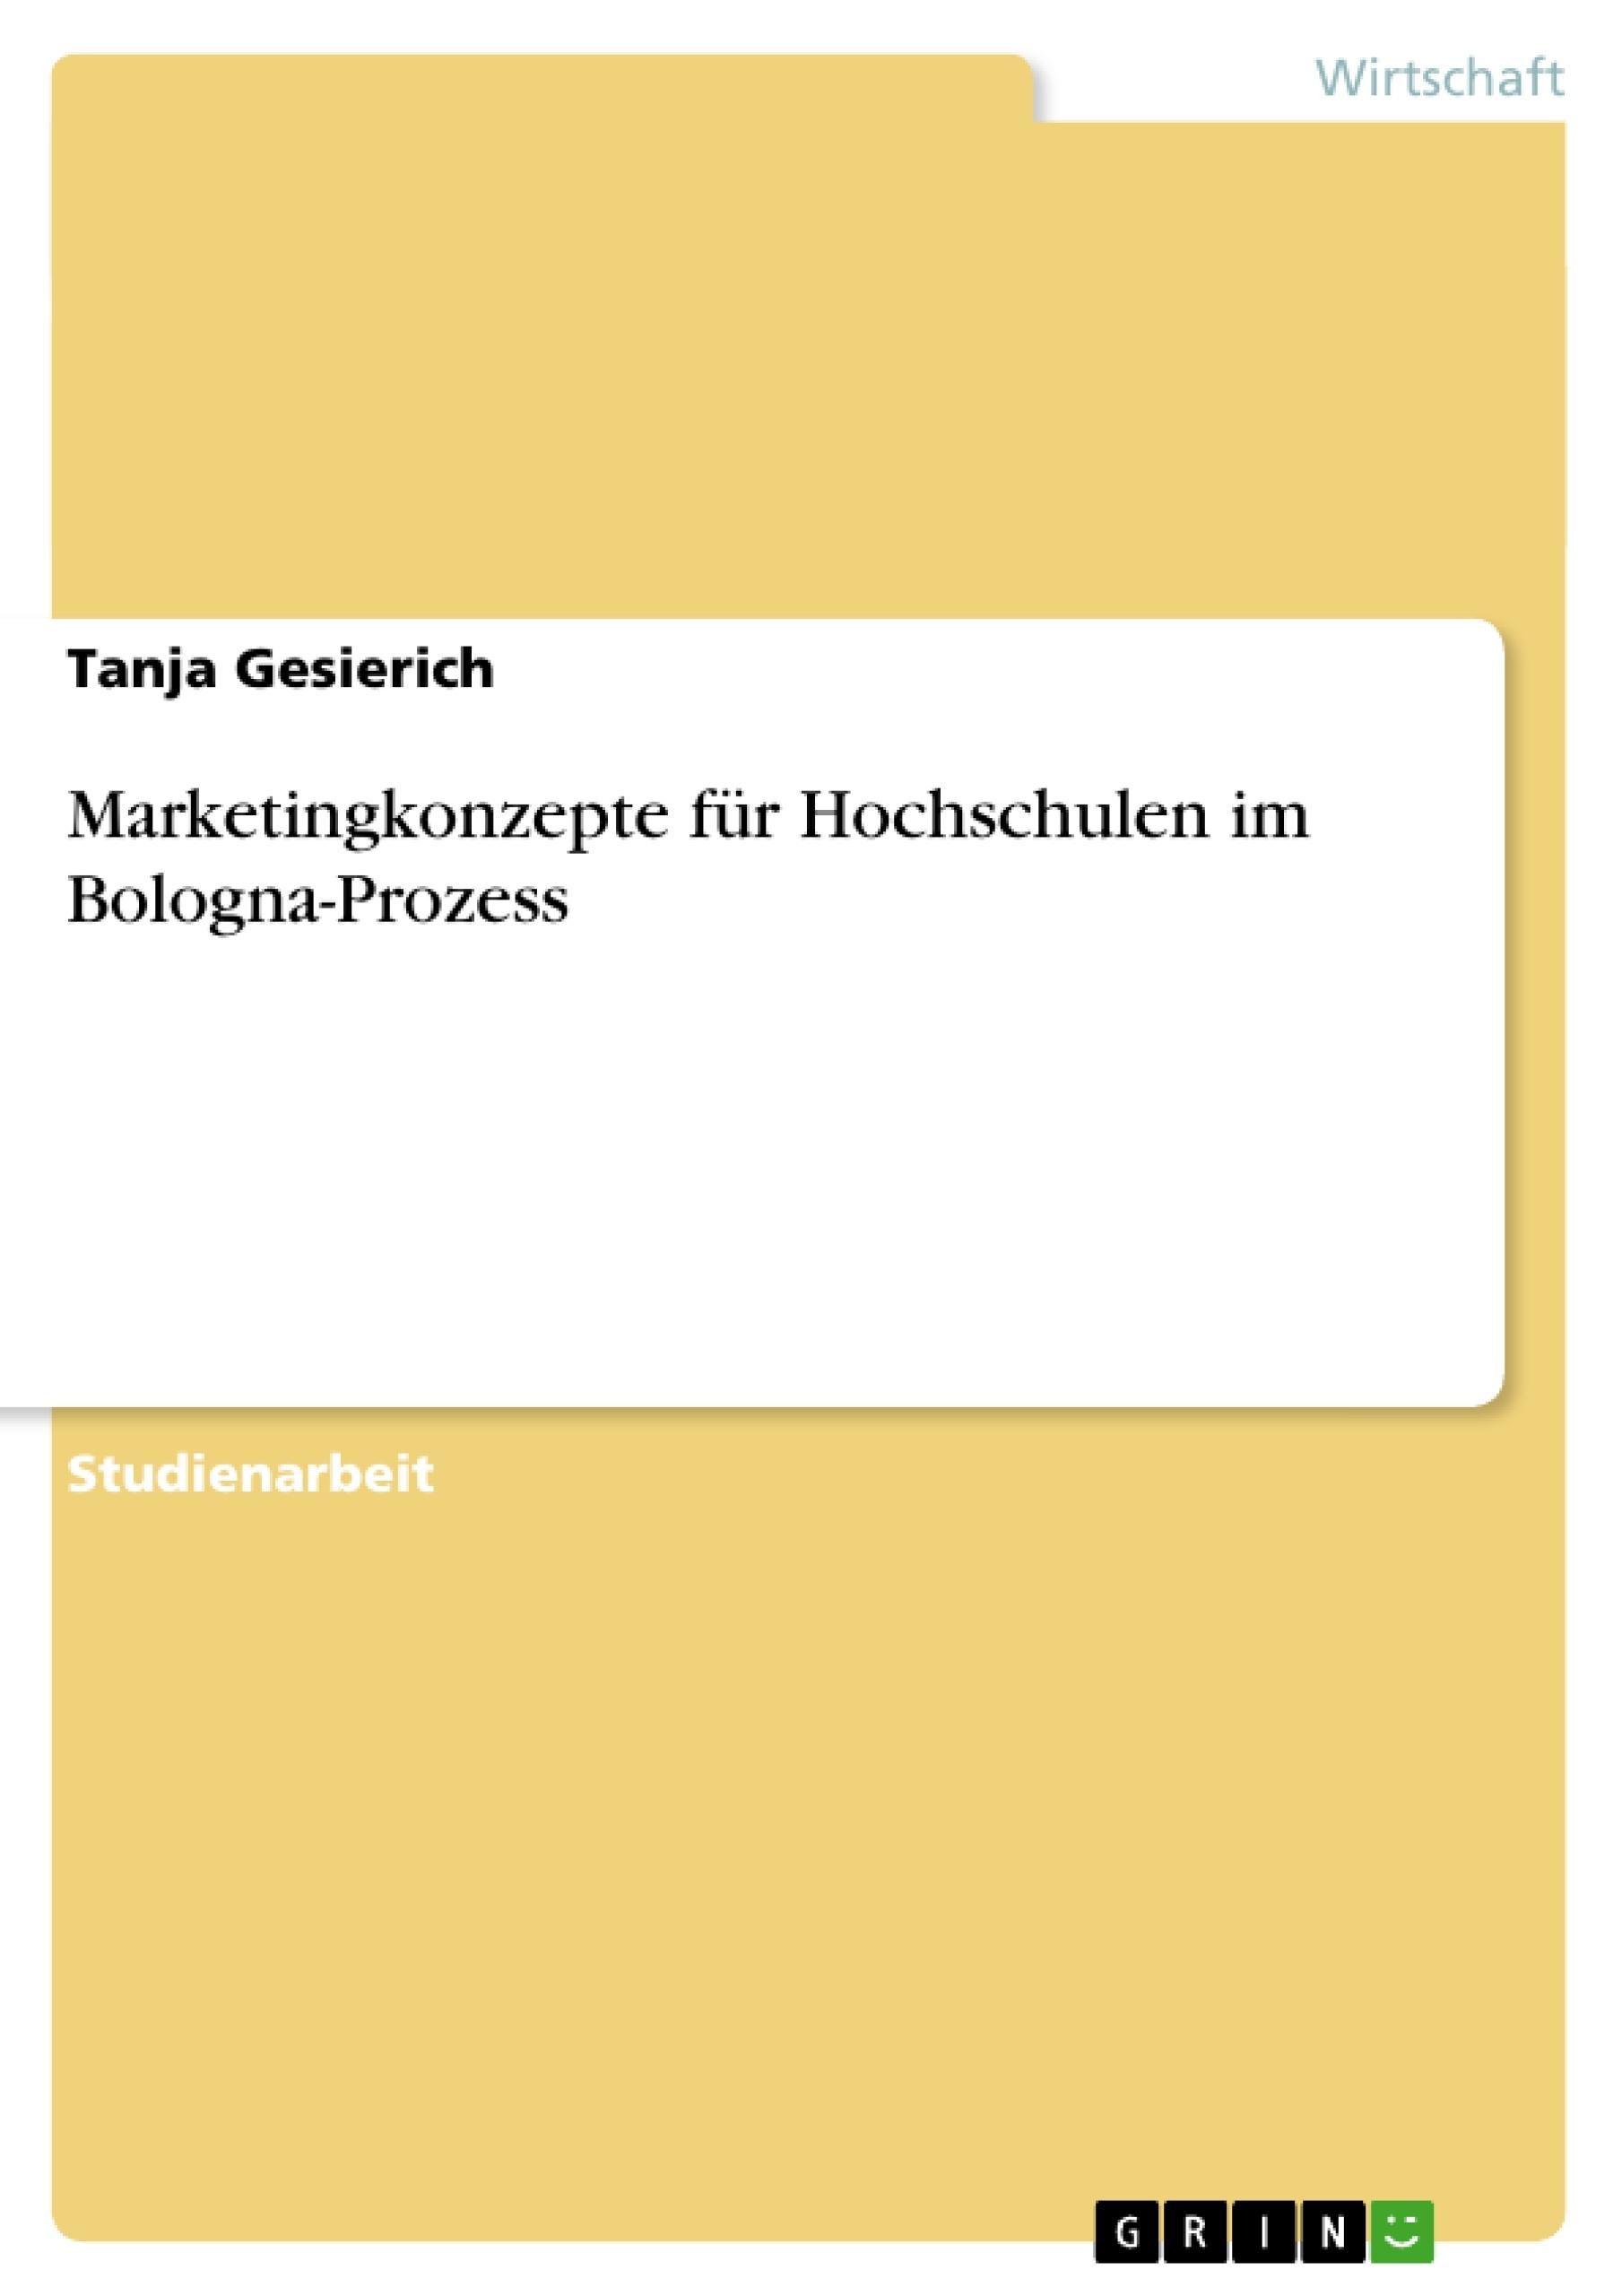 Titel: Marketingkonzepte für Hochschulen im Bologna-Prozess